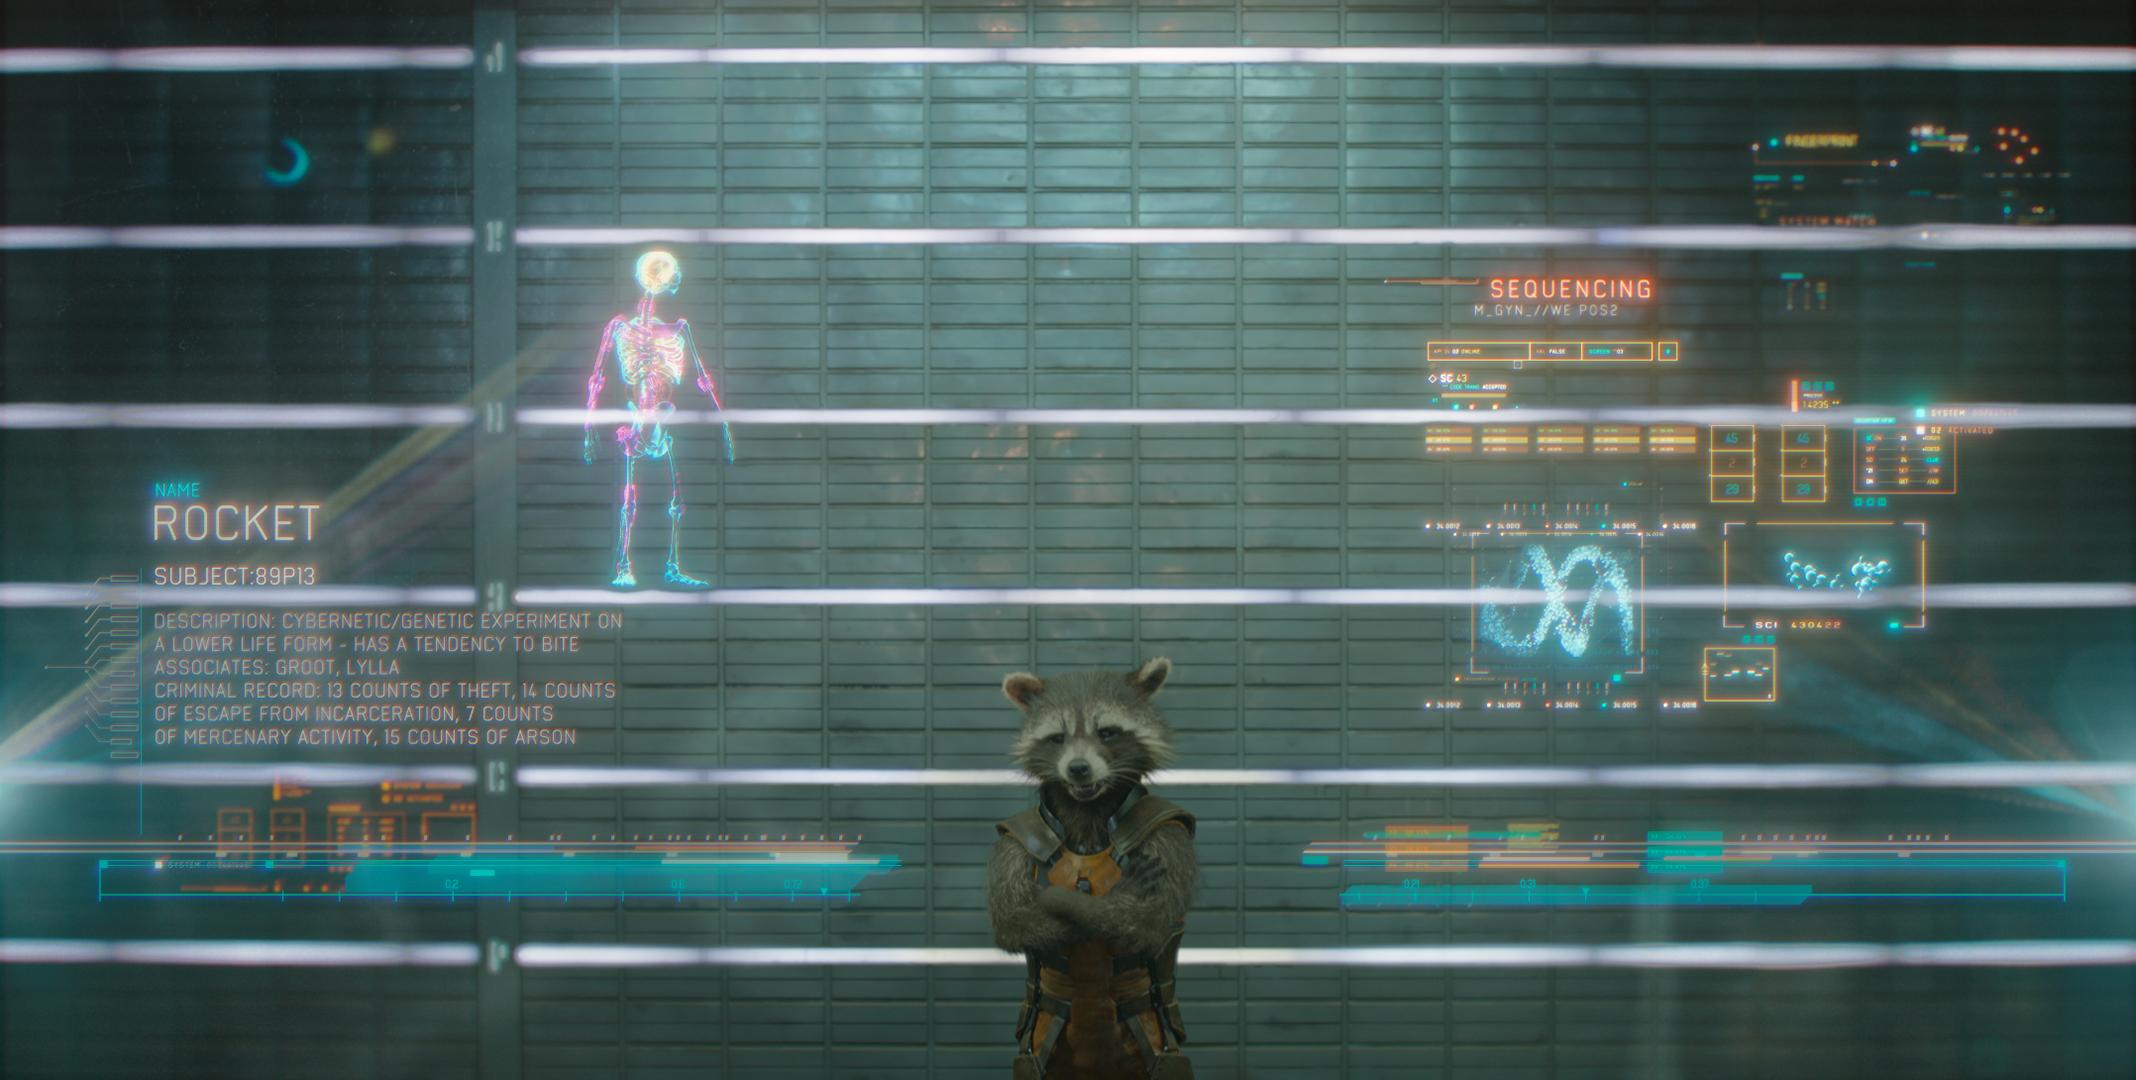 guardians-of-the-galaxy-rocket-raccoon1.jpg